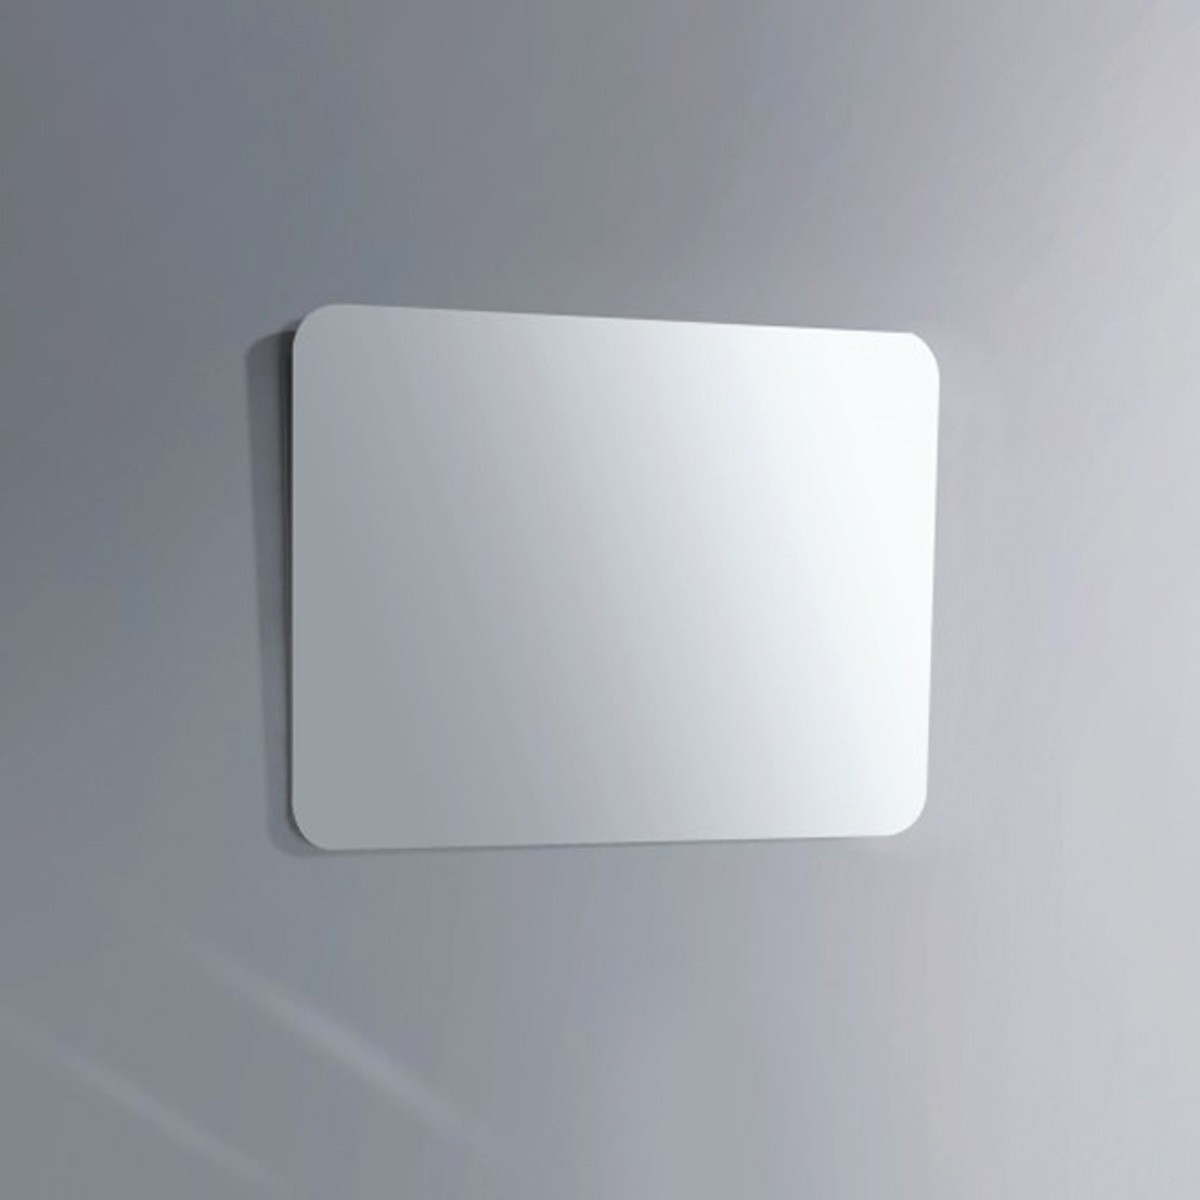 30 x 20 po Miroir pour vanité salle de bain (MY8001-M)